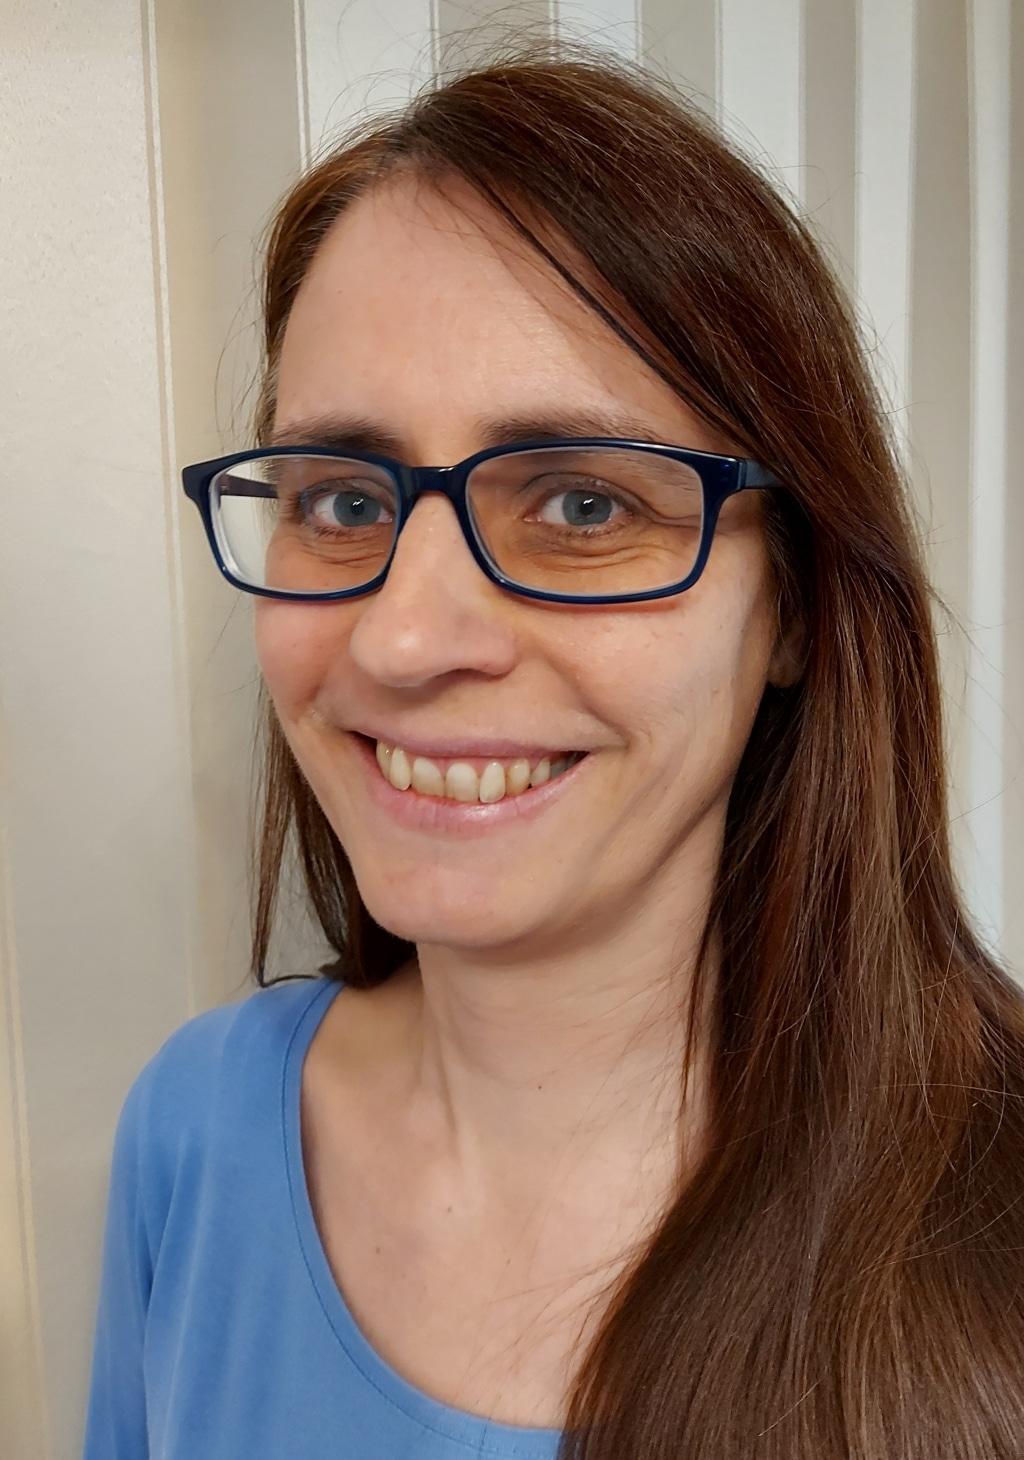 Maria Nihaus